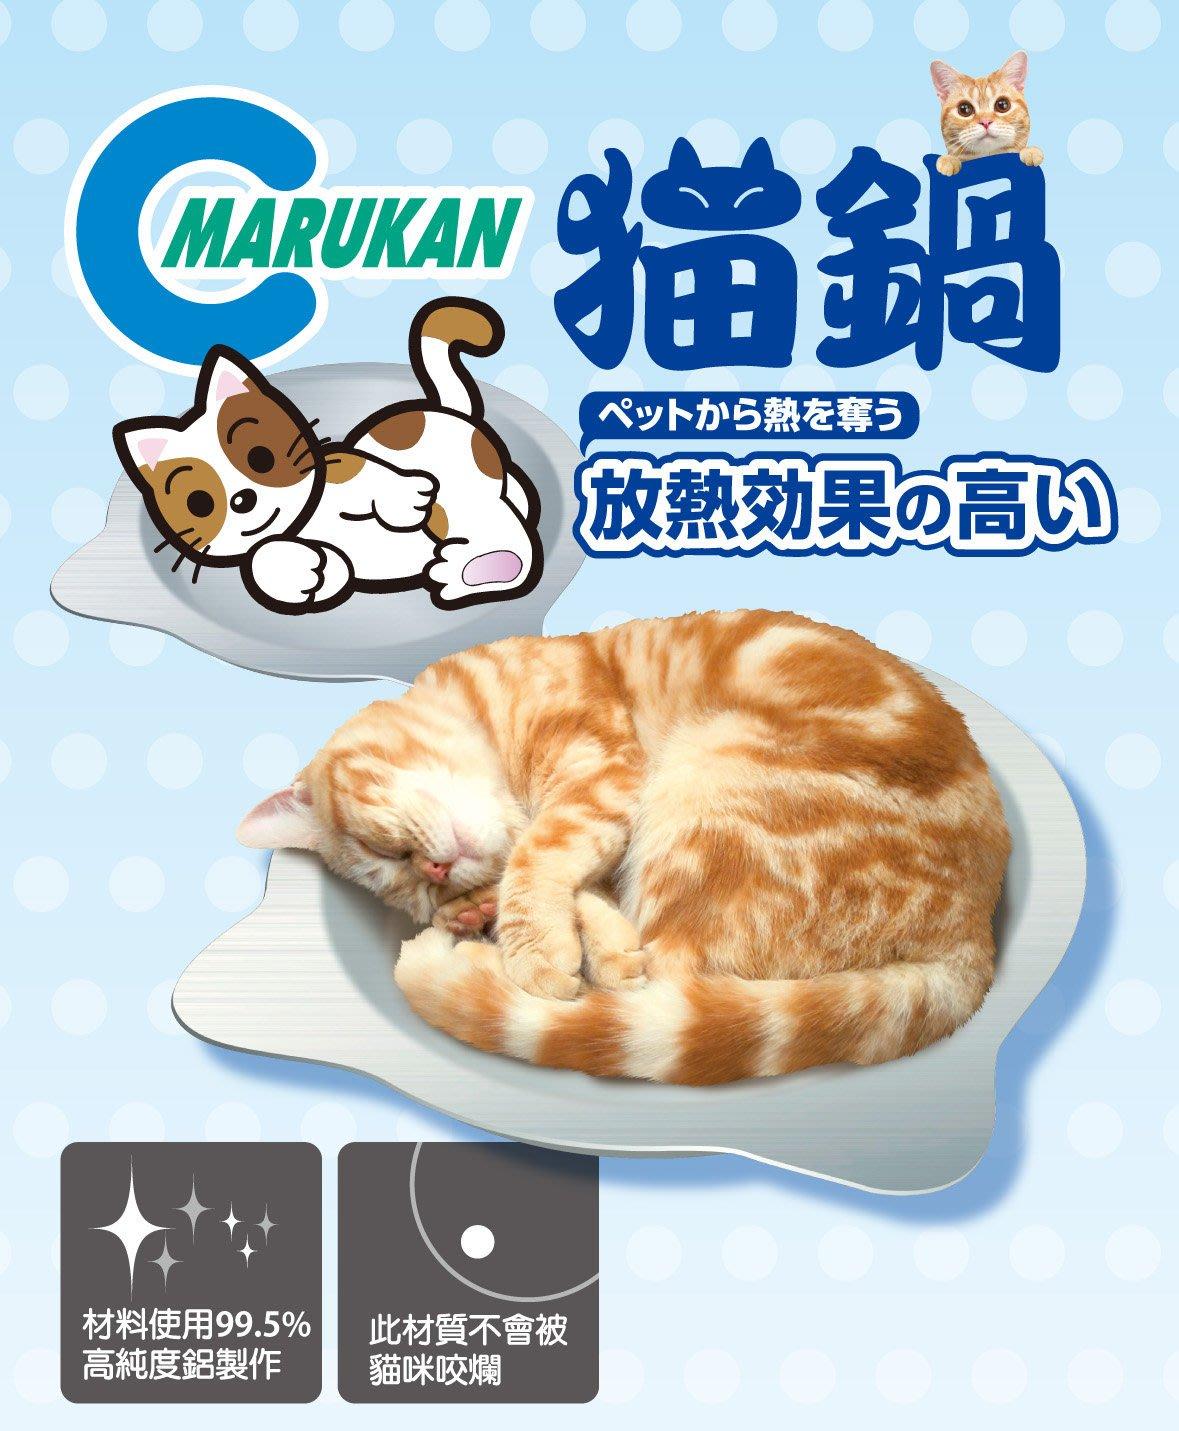 【愛狗生活館】Marukan 2017新款貓咪圓形涼墊貓鍋(大)